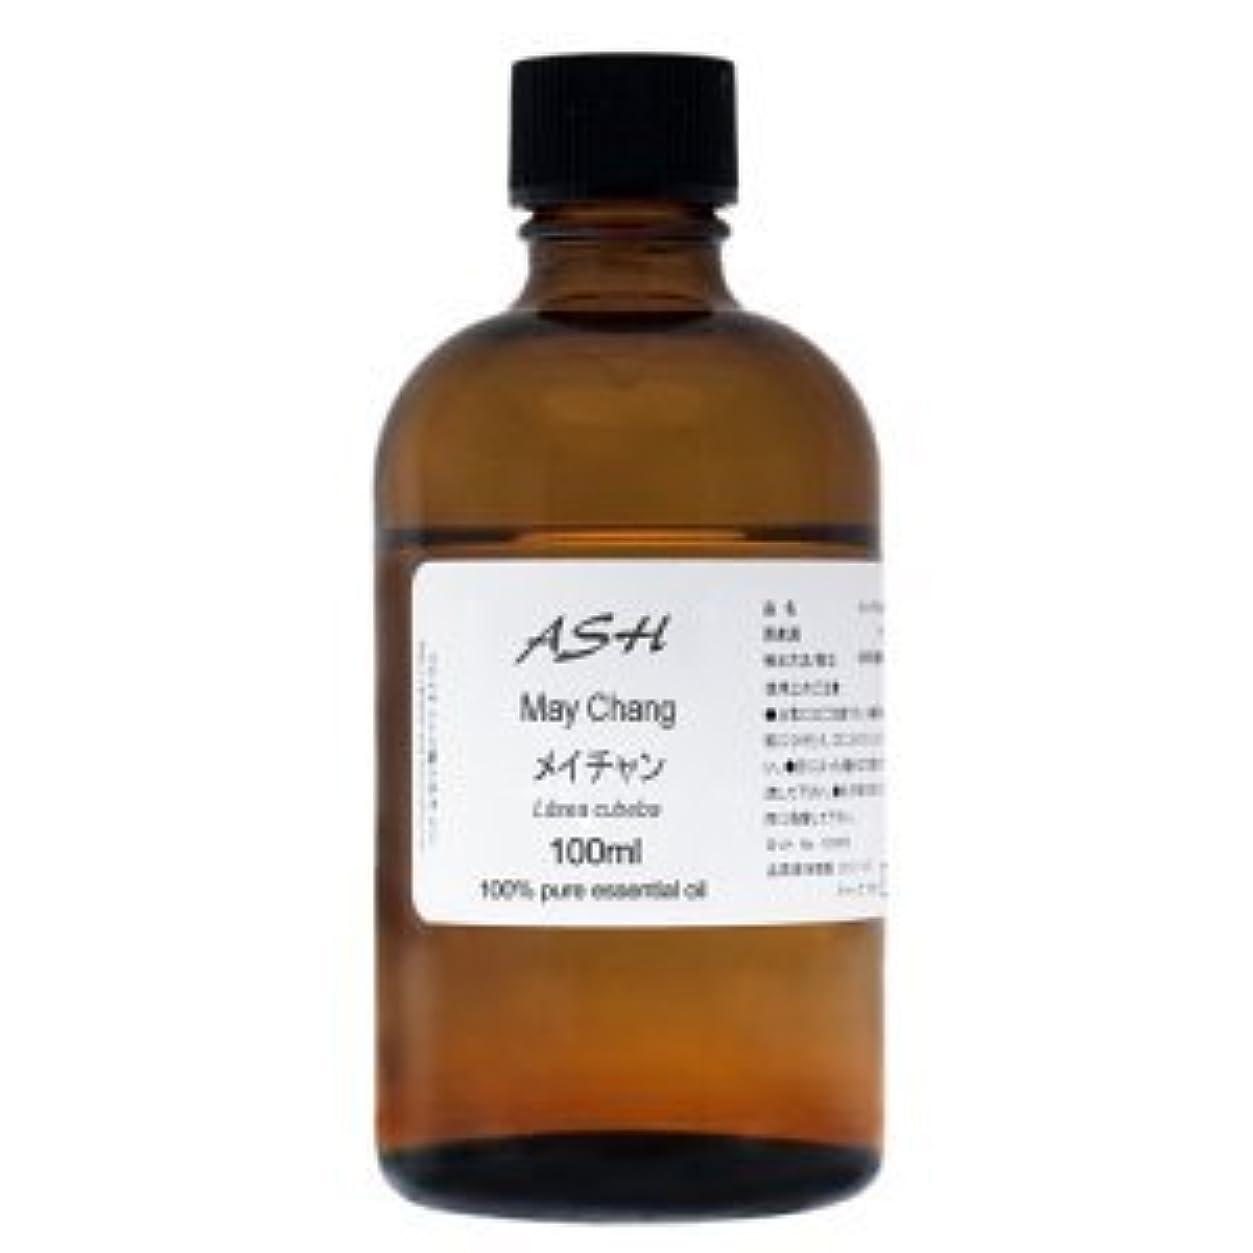 暗殺公園友情ASH メイチャン エッセンシャルオイル 100ml AEAJ表示基準適合認定精油